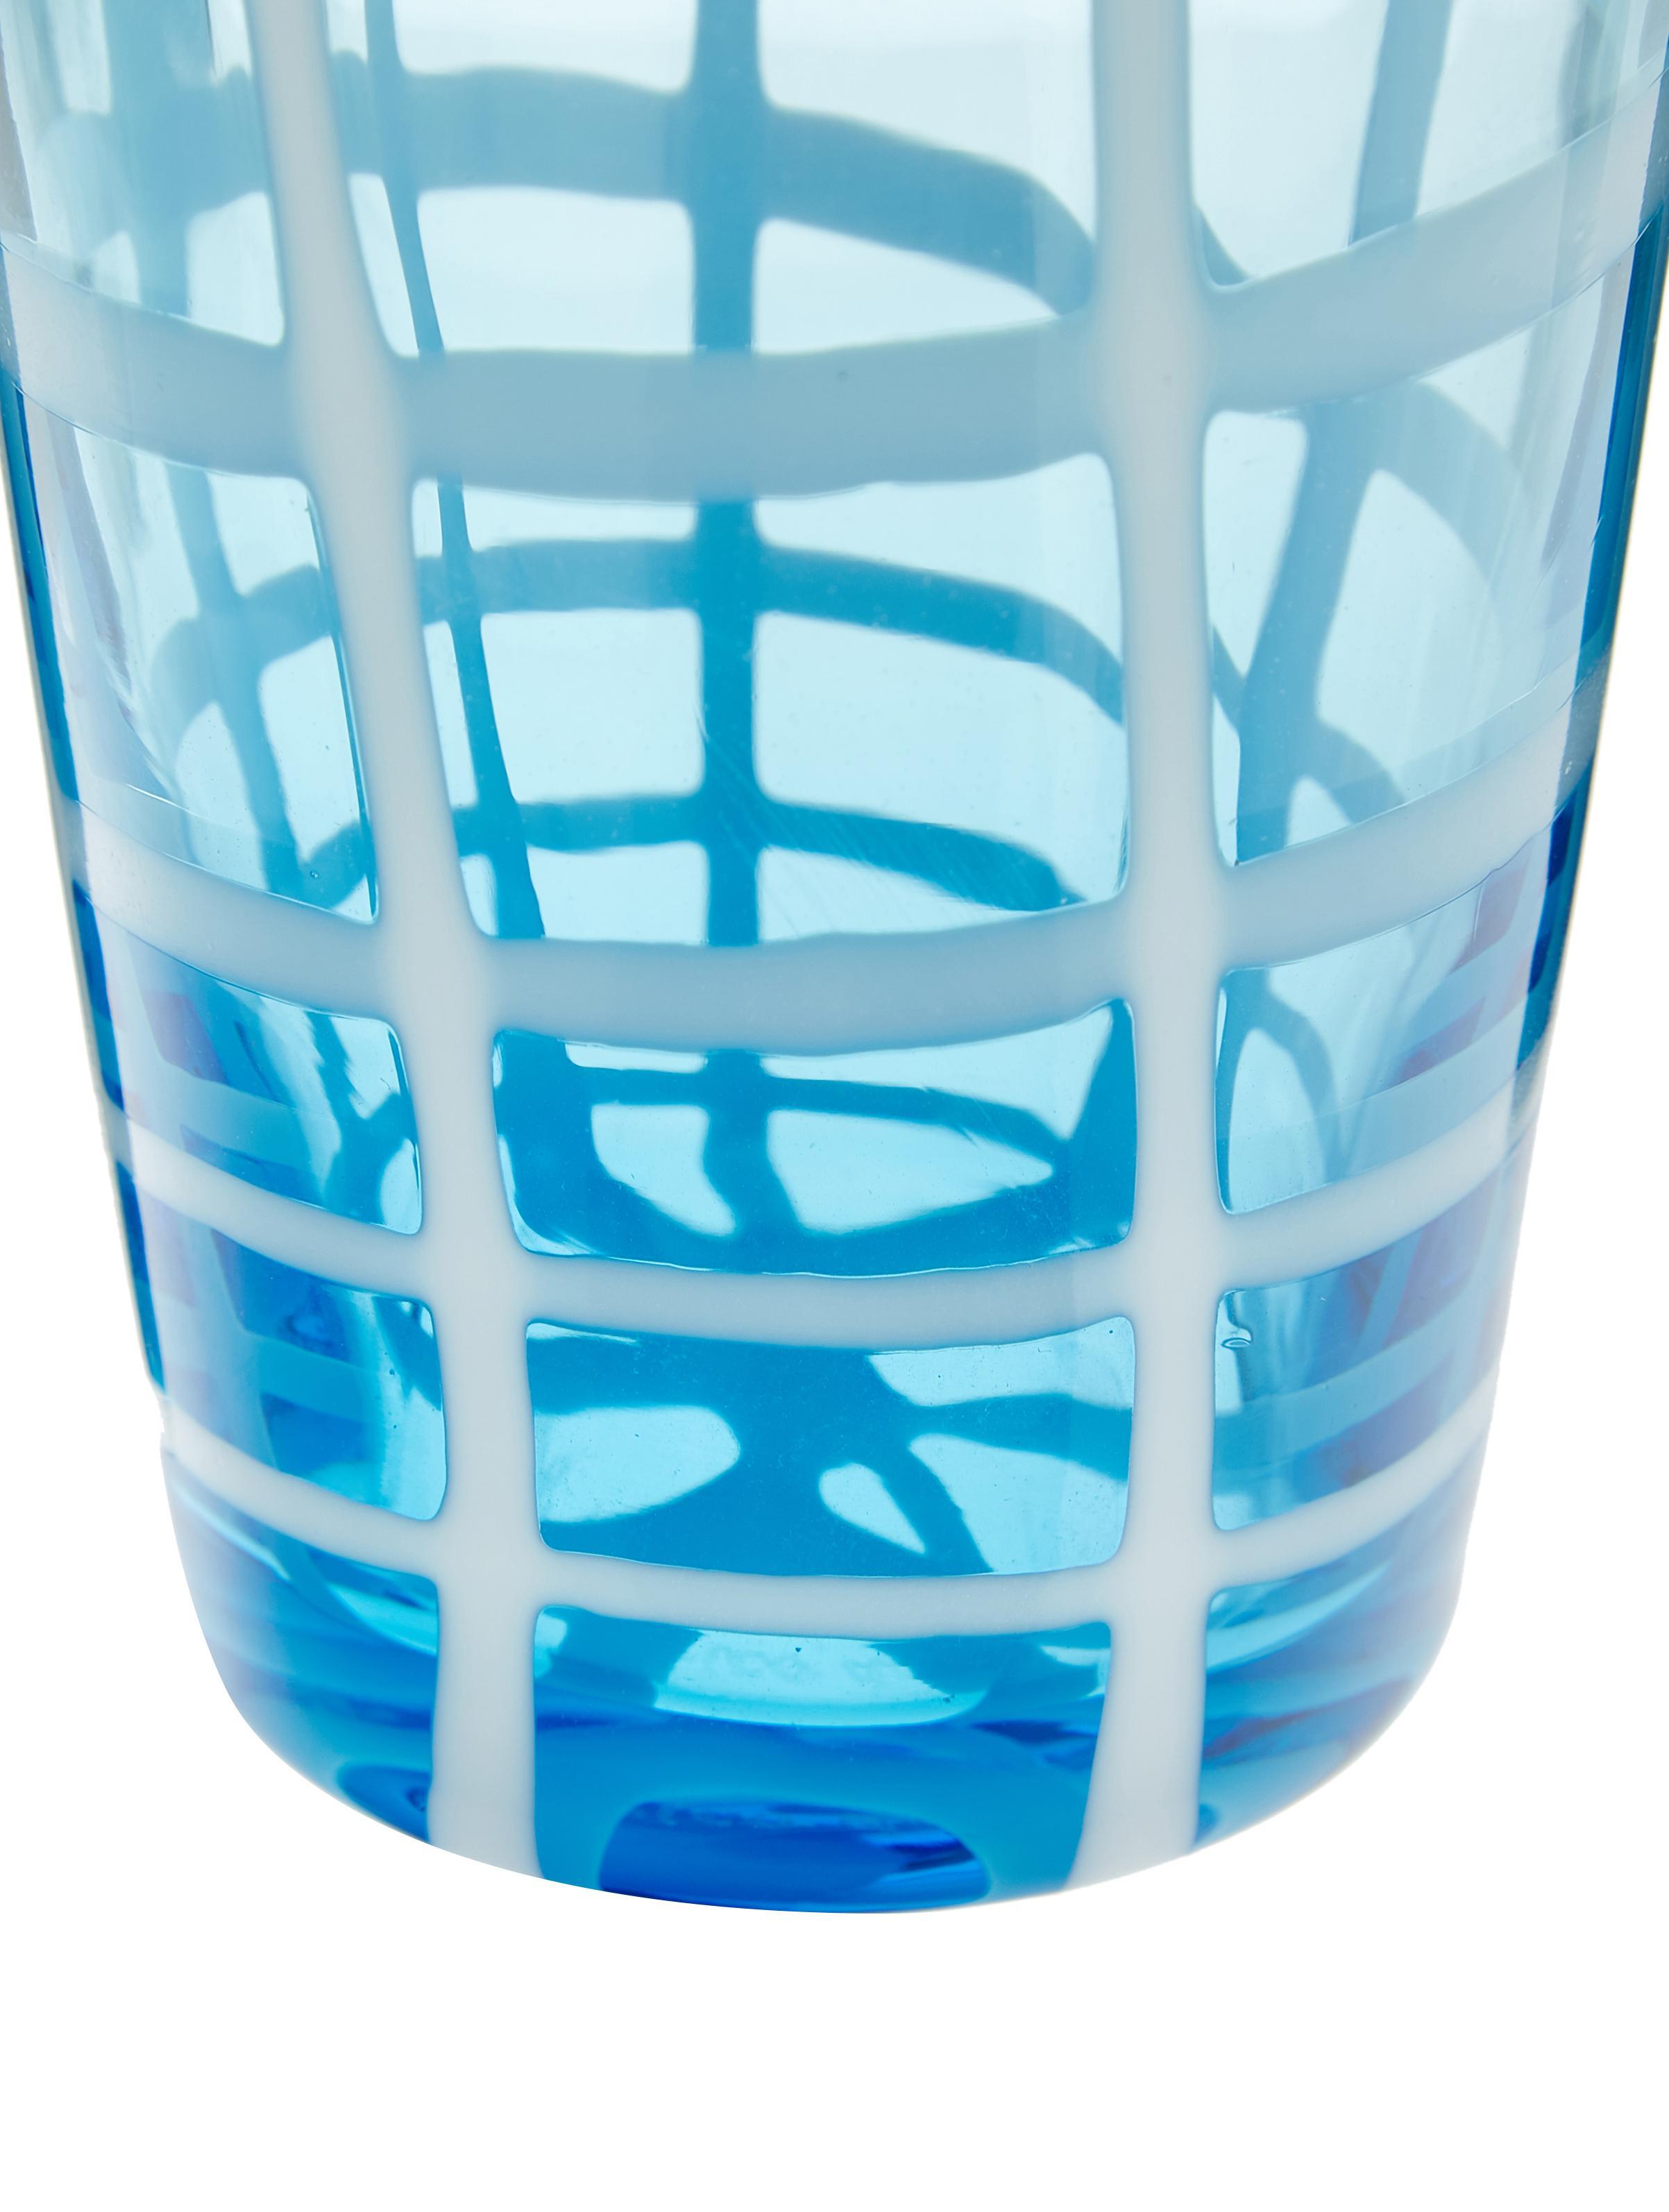 Bicchiere acqua in vetro Melting Pot Sea, set di 6, Vetro, Tonalità blu, trasparente, Diverse dimensioni